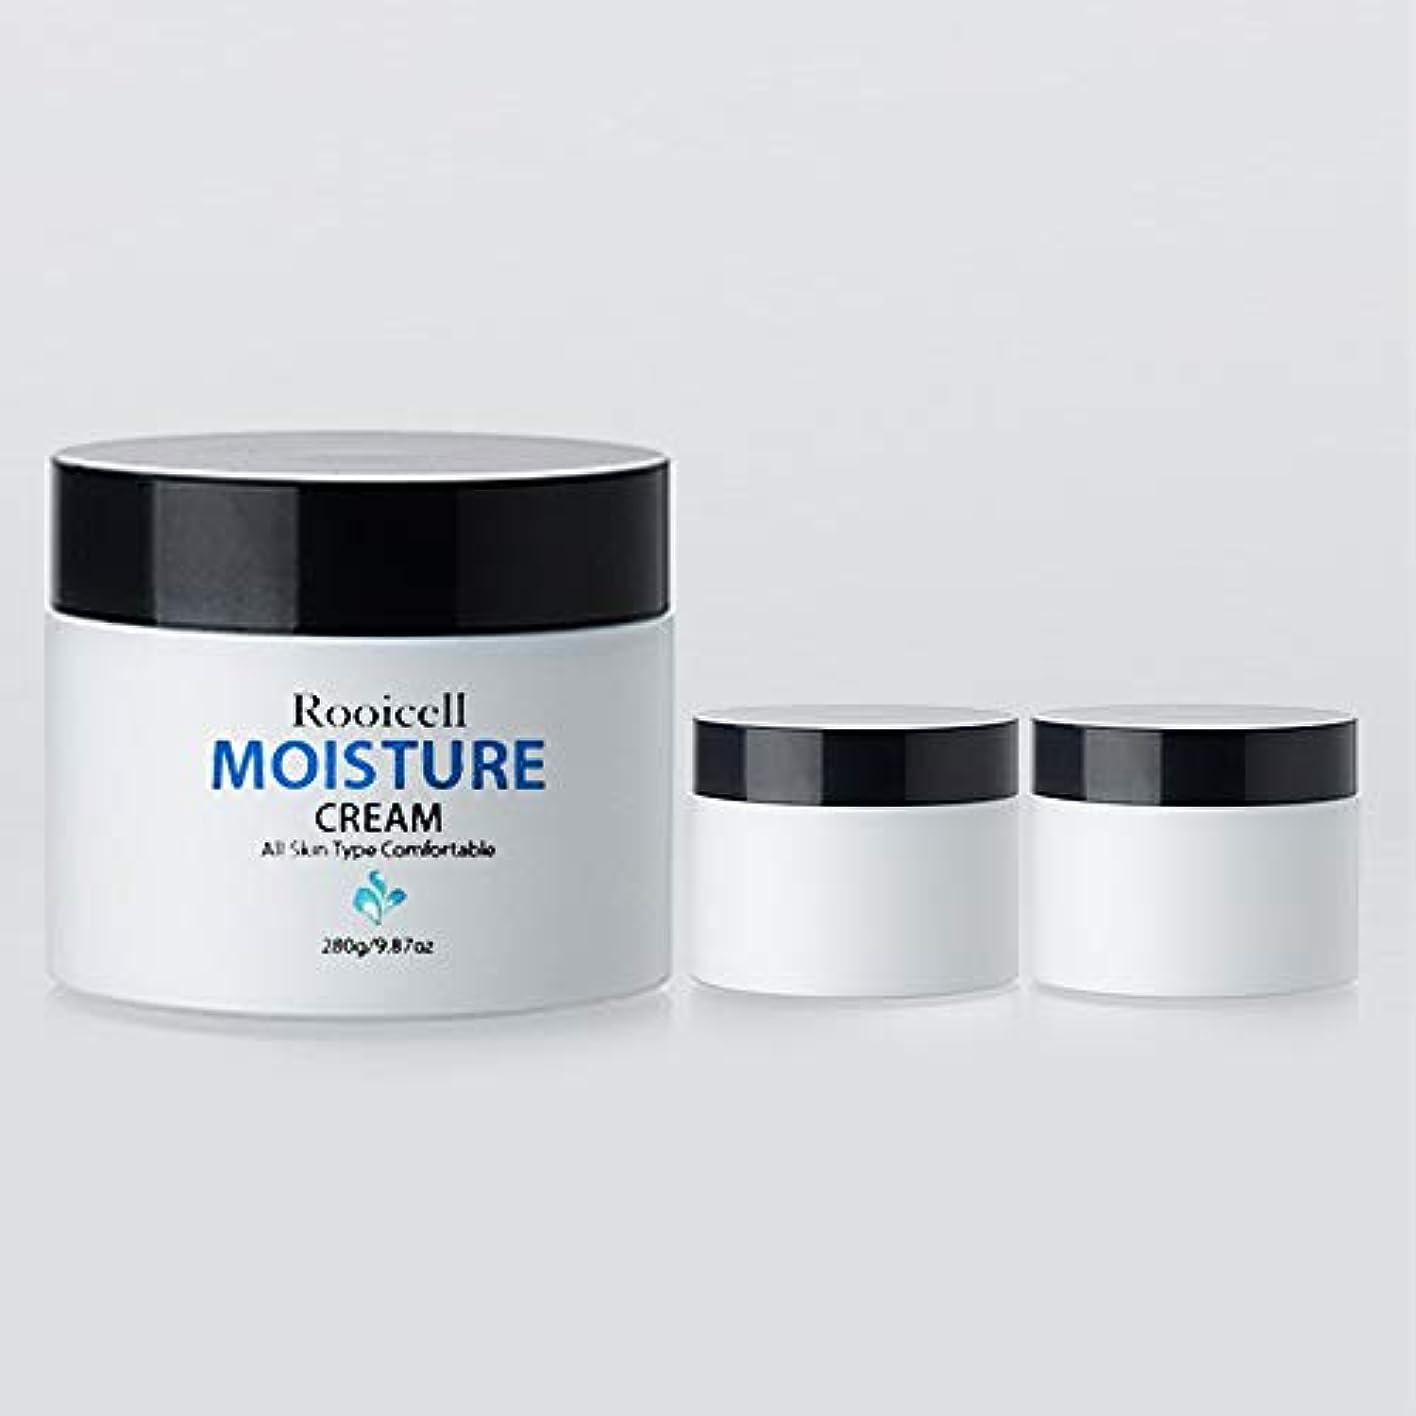 領域吸収剤吸収剤[ Rooicell ] ルイセル モイスチャークリーム 280g Korea cosmetic (moisture cream 280g)